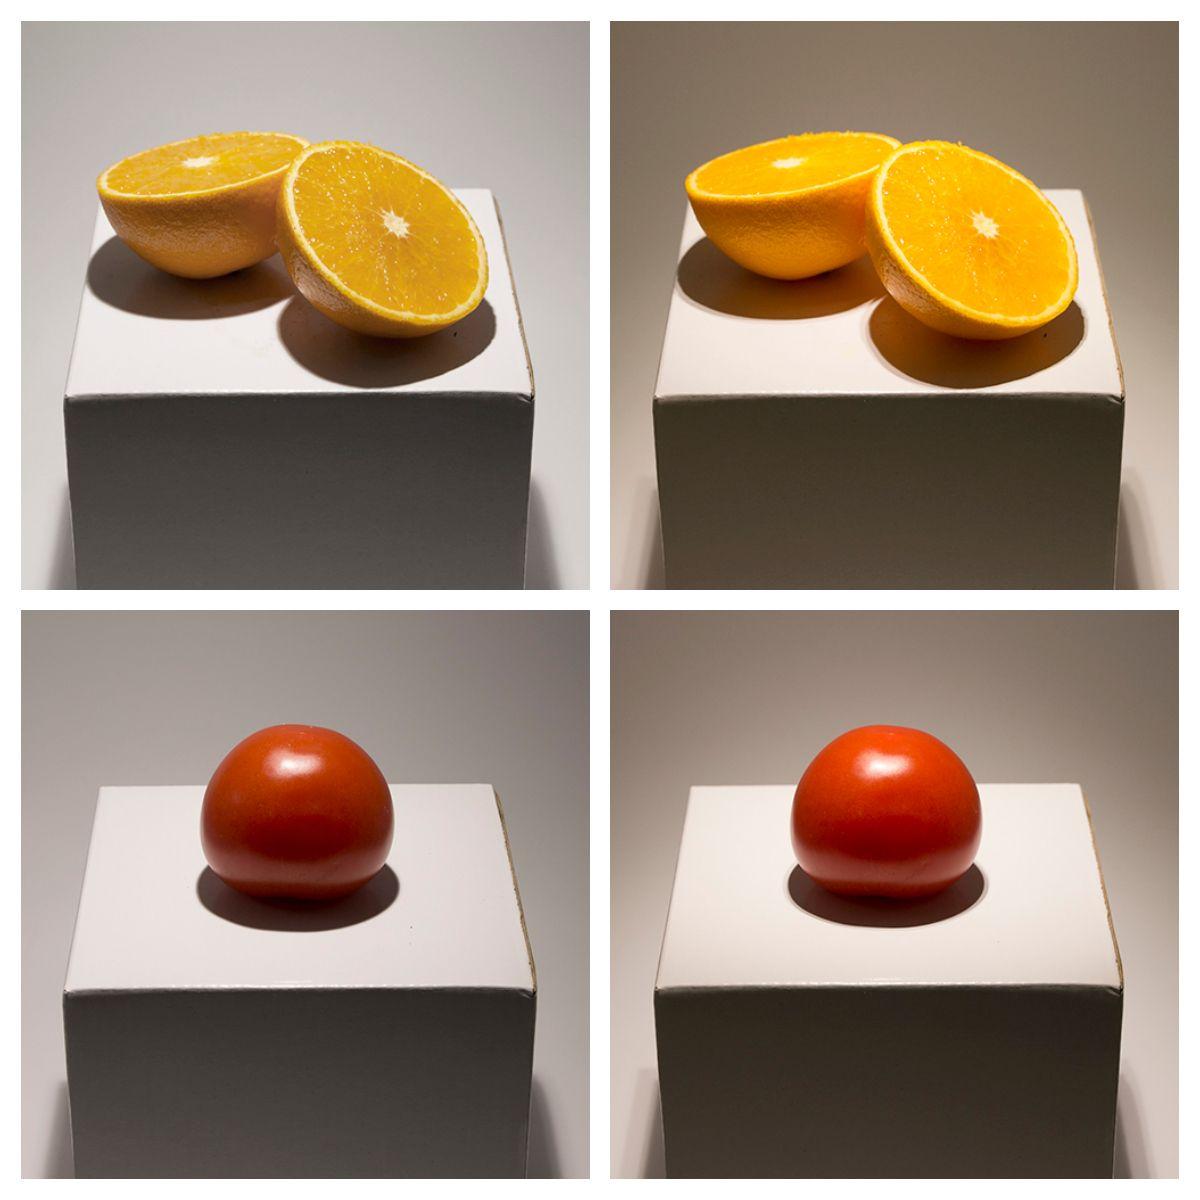 KUVA 3: Appelsiini ja tomaatti saavat oikeat sävynsä, kun niitä valaistaan korkean värintoiston led-lampulla. Vasemmanpuoleisissa kuvissa CRI on 80 ja oikeanpuoleisissa kuvissa CRI on 98. Kuvia ei ole käsitelty.